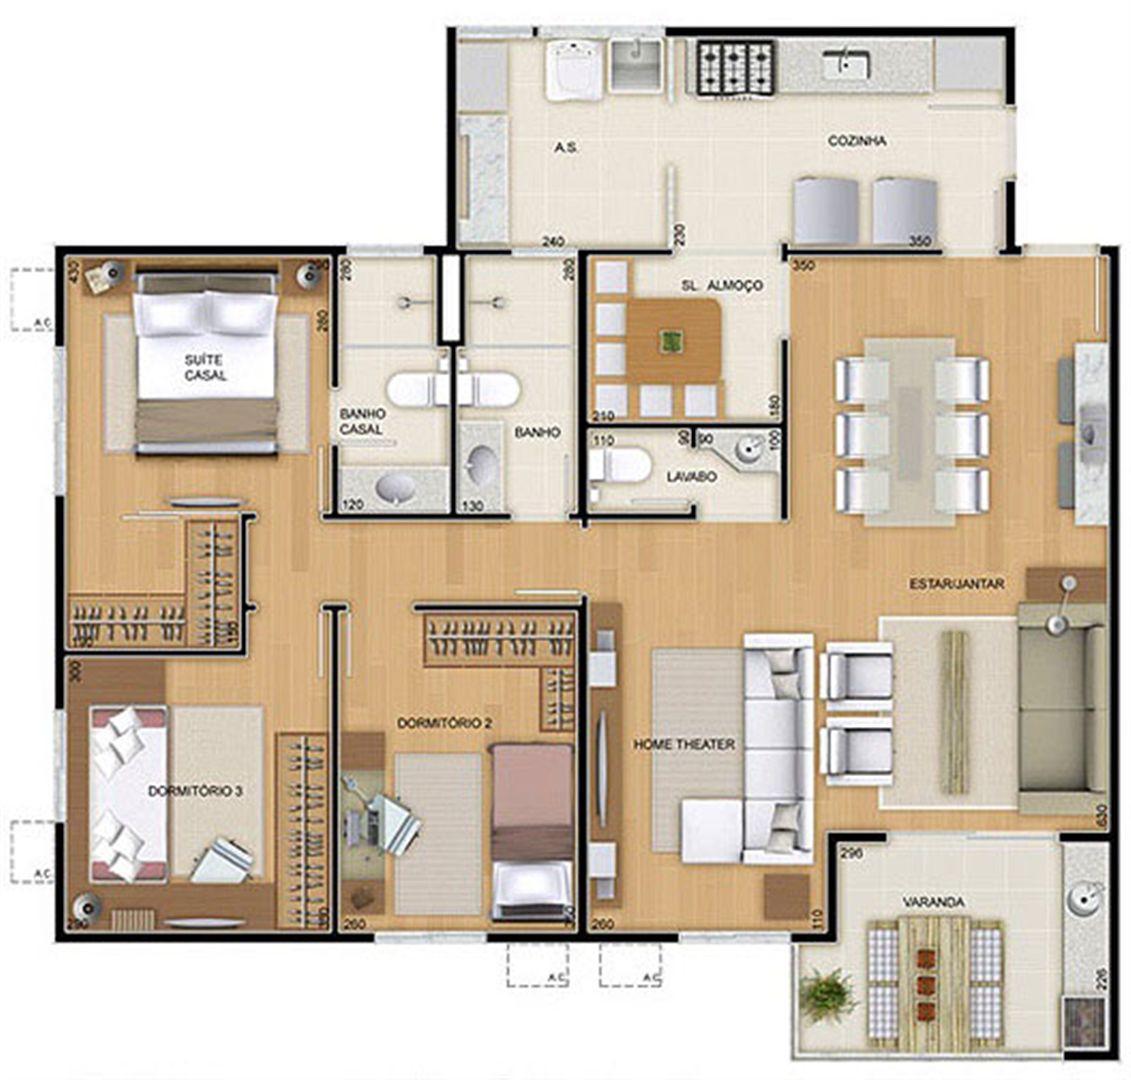 Torres 1 e 4 - 4 Quartos - 109 m² - Planta opção - 3 quartos e Sala Ampliada   Reserva Verde Residencial Park – Apartamento em  Laranjeiras - Serra - Espírito Santo